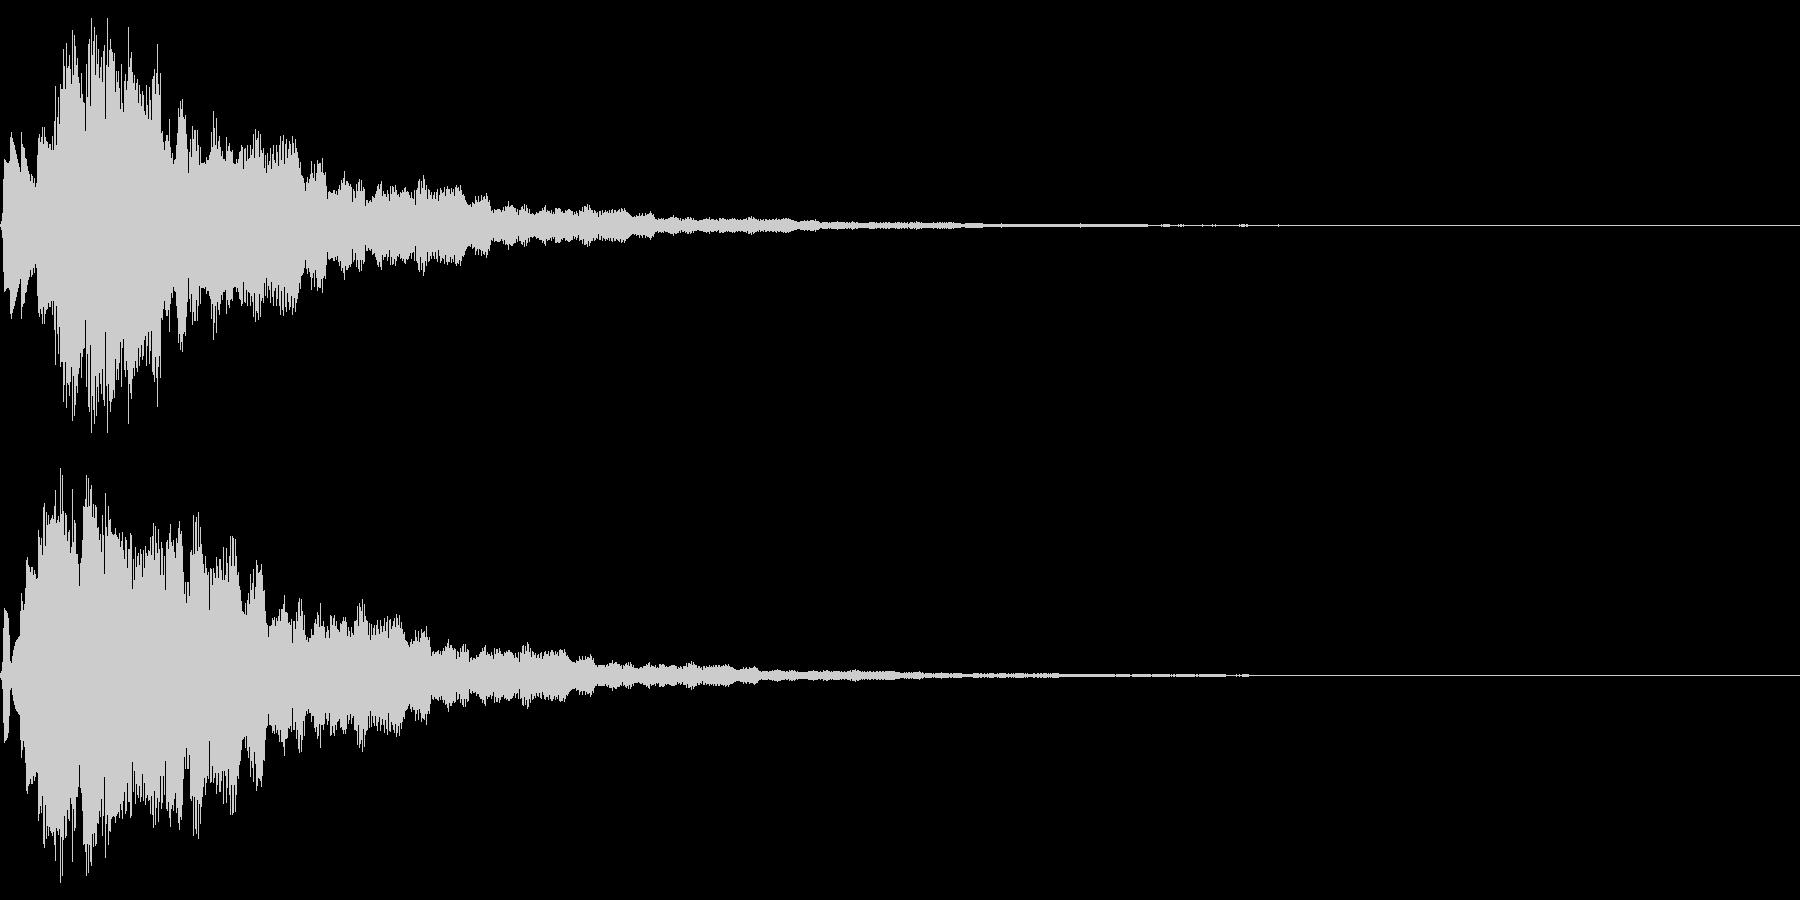 サウンドロゴ12(ベル系)の未再生の波形